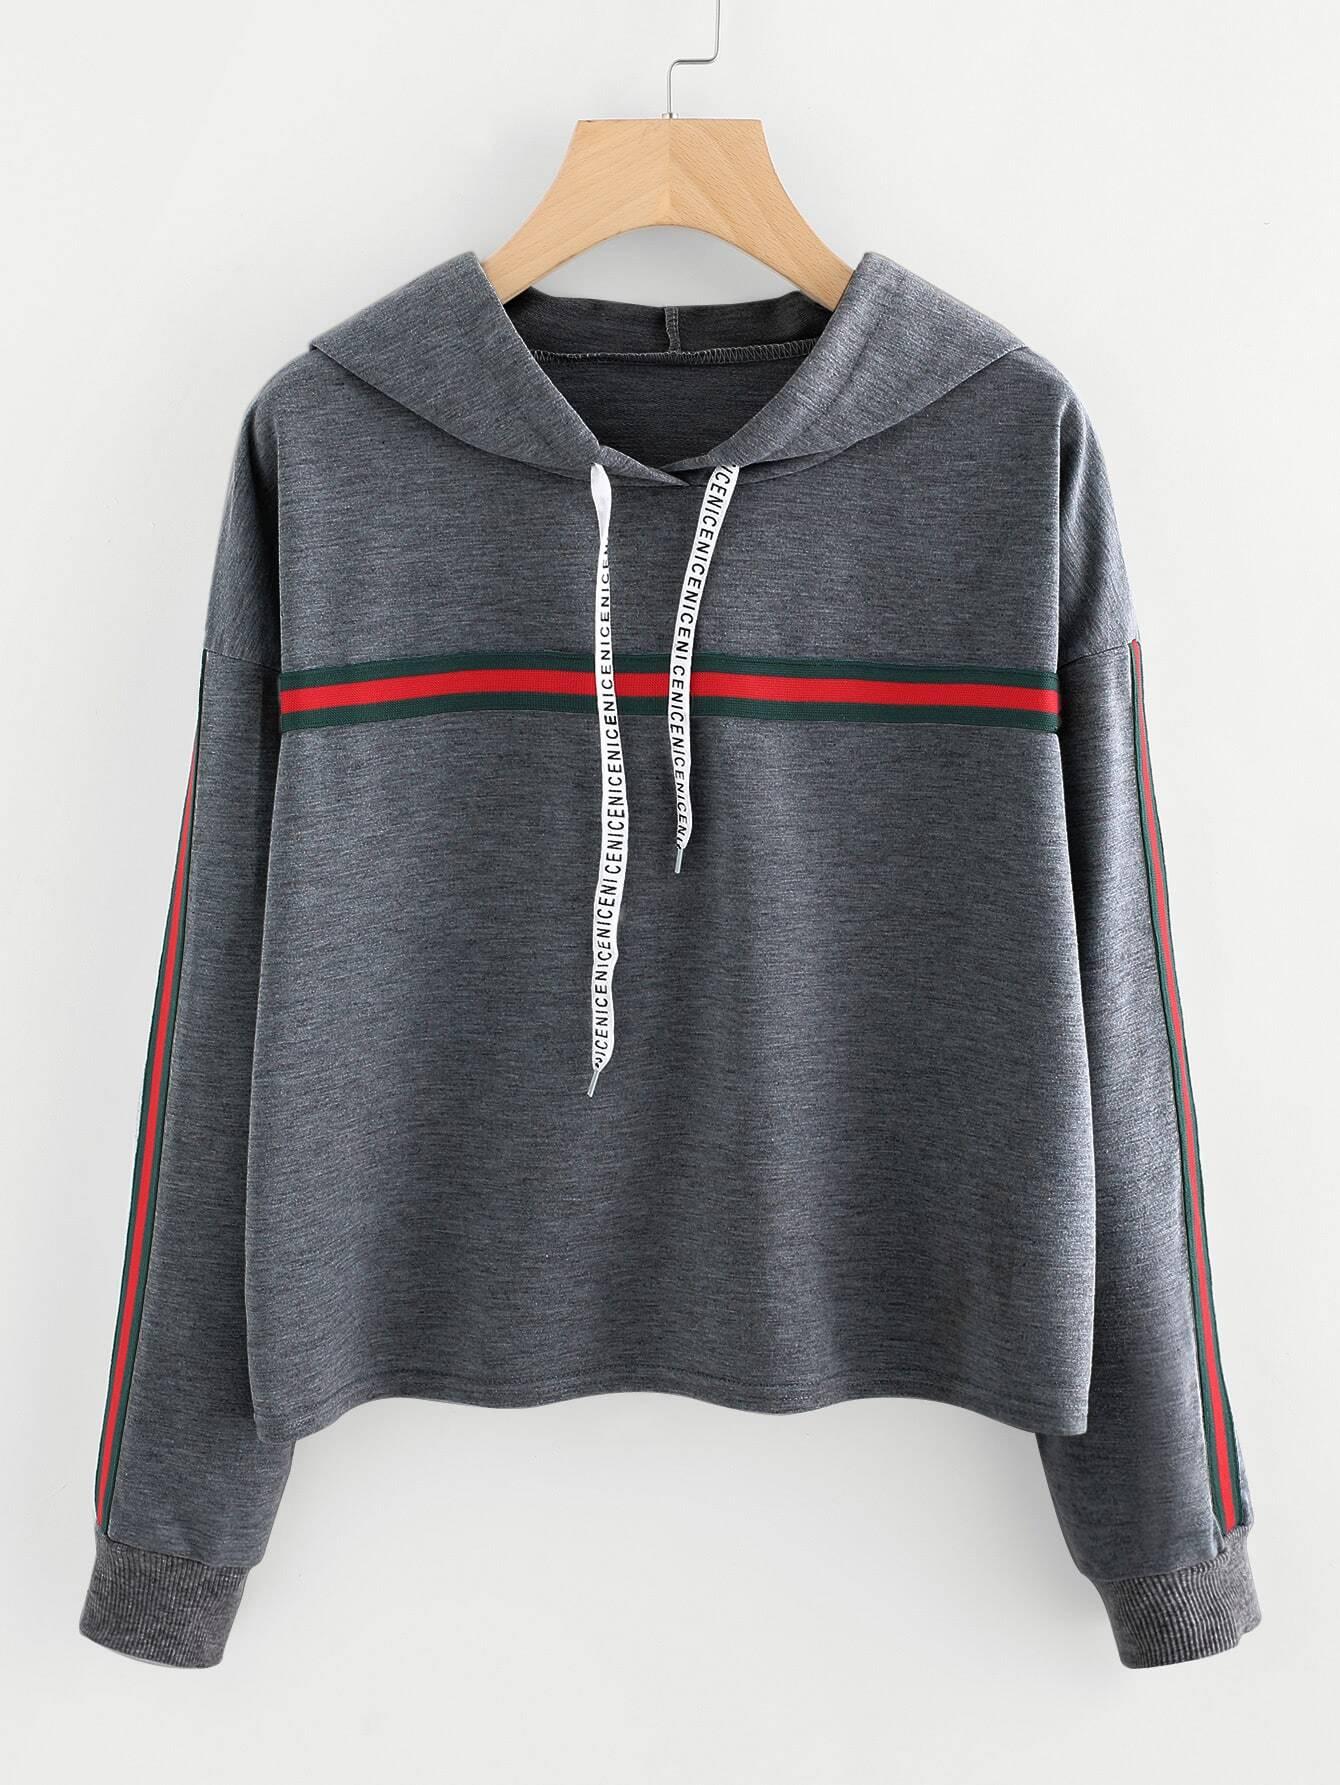 Striped Tape Detail Marled Hoodie tape detail drop shoulder marled sweatshirt